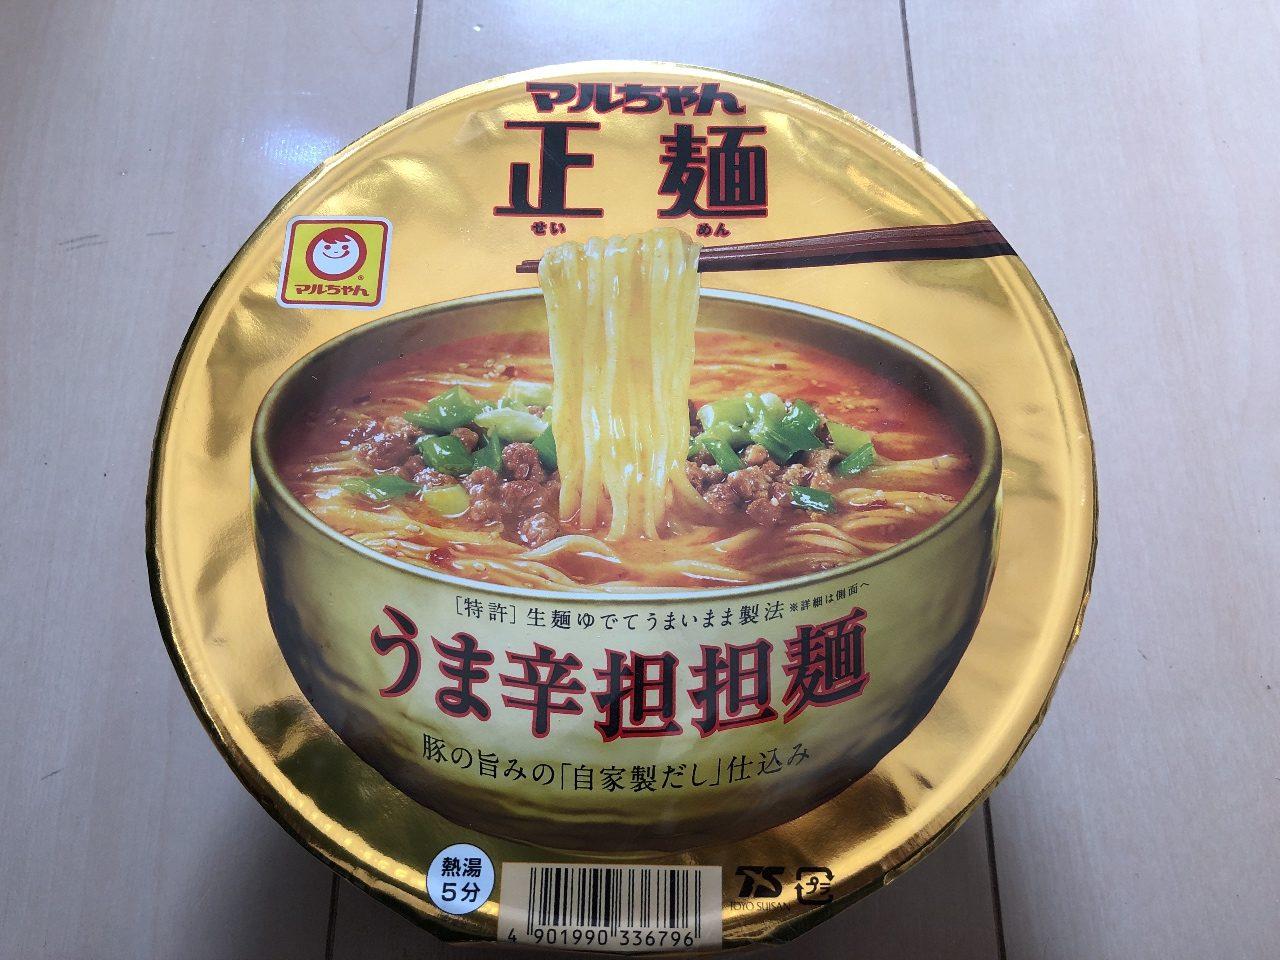 マルちゃん正麺カップ 「うま辛担々麺」